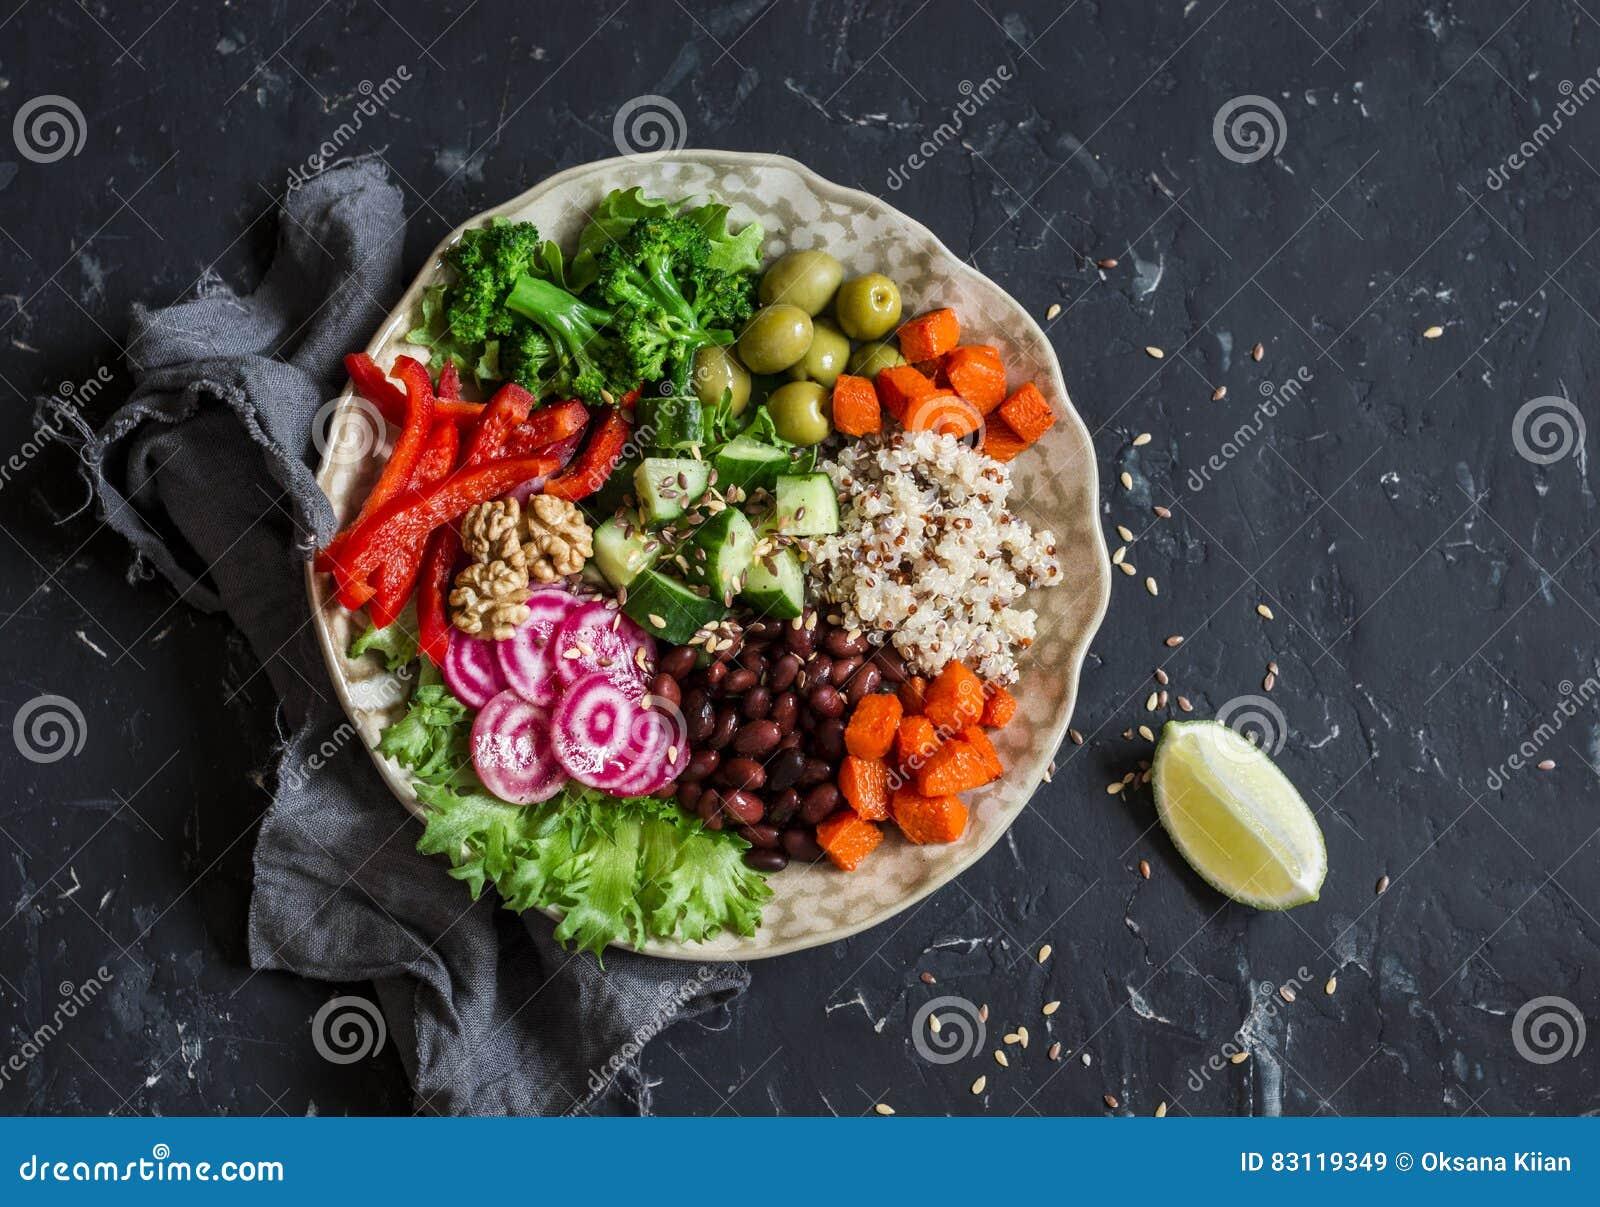 Bacia do alimento do vegetariano Quinoa, feijões, batatas doces, brócolis, pimentas, azeitonas, pepino, porcas - almoço saudável